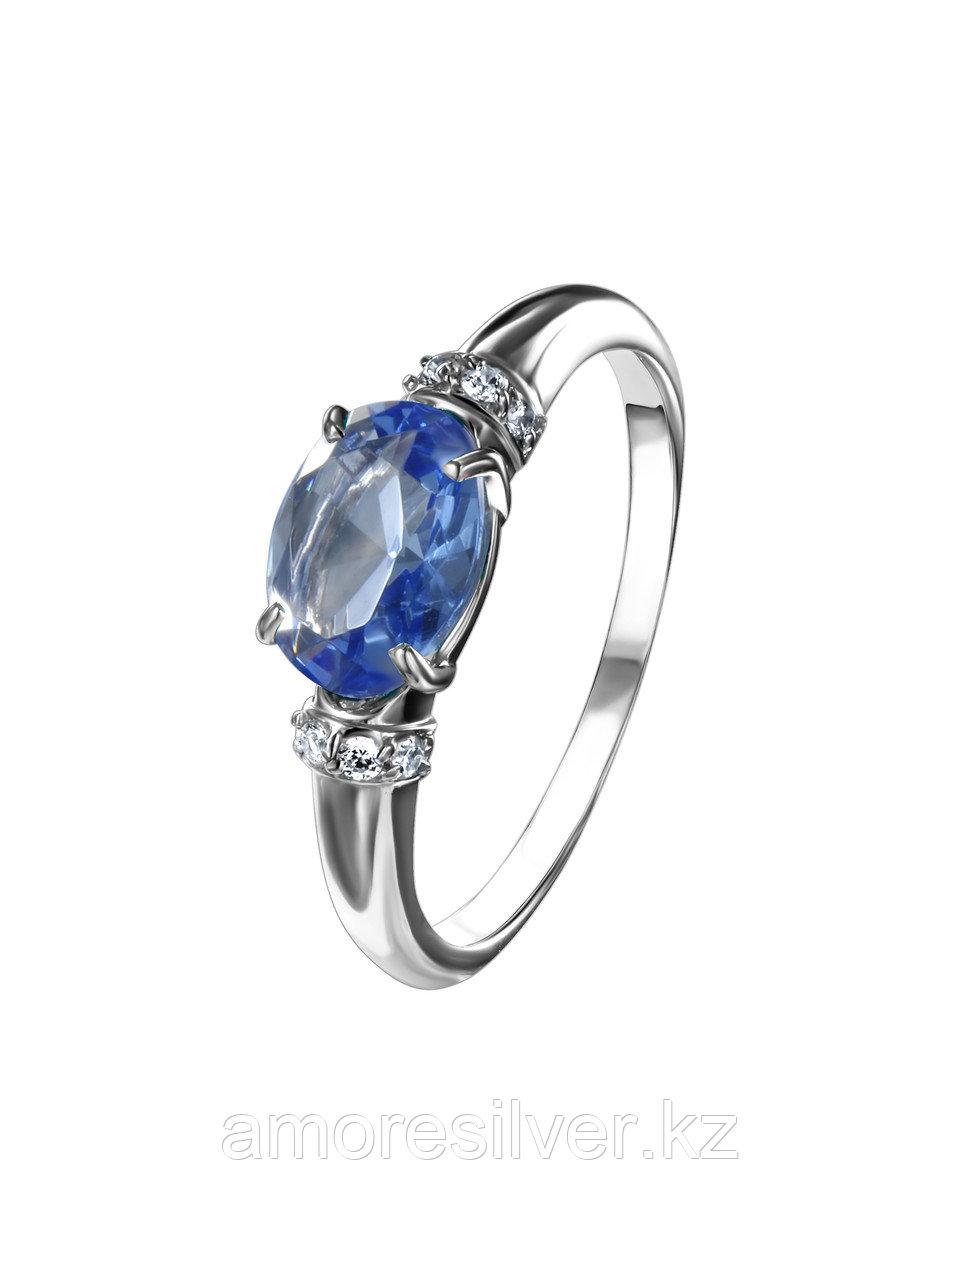 """Кольцо TEOSA серебро с родием, фианит синт., """"halo"""" 1000-0455-TAN размеры - 17,5"""